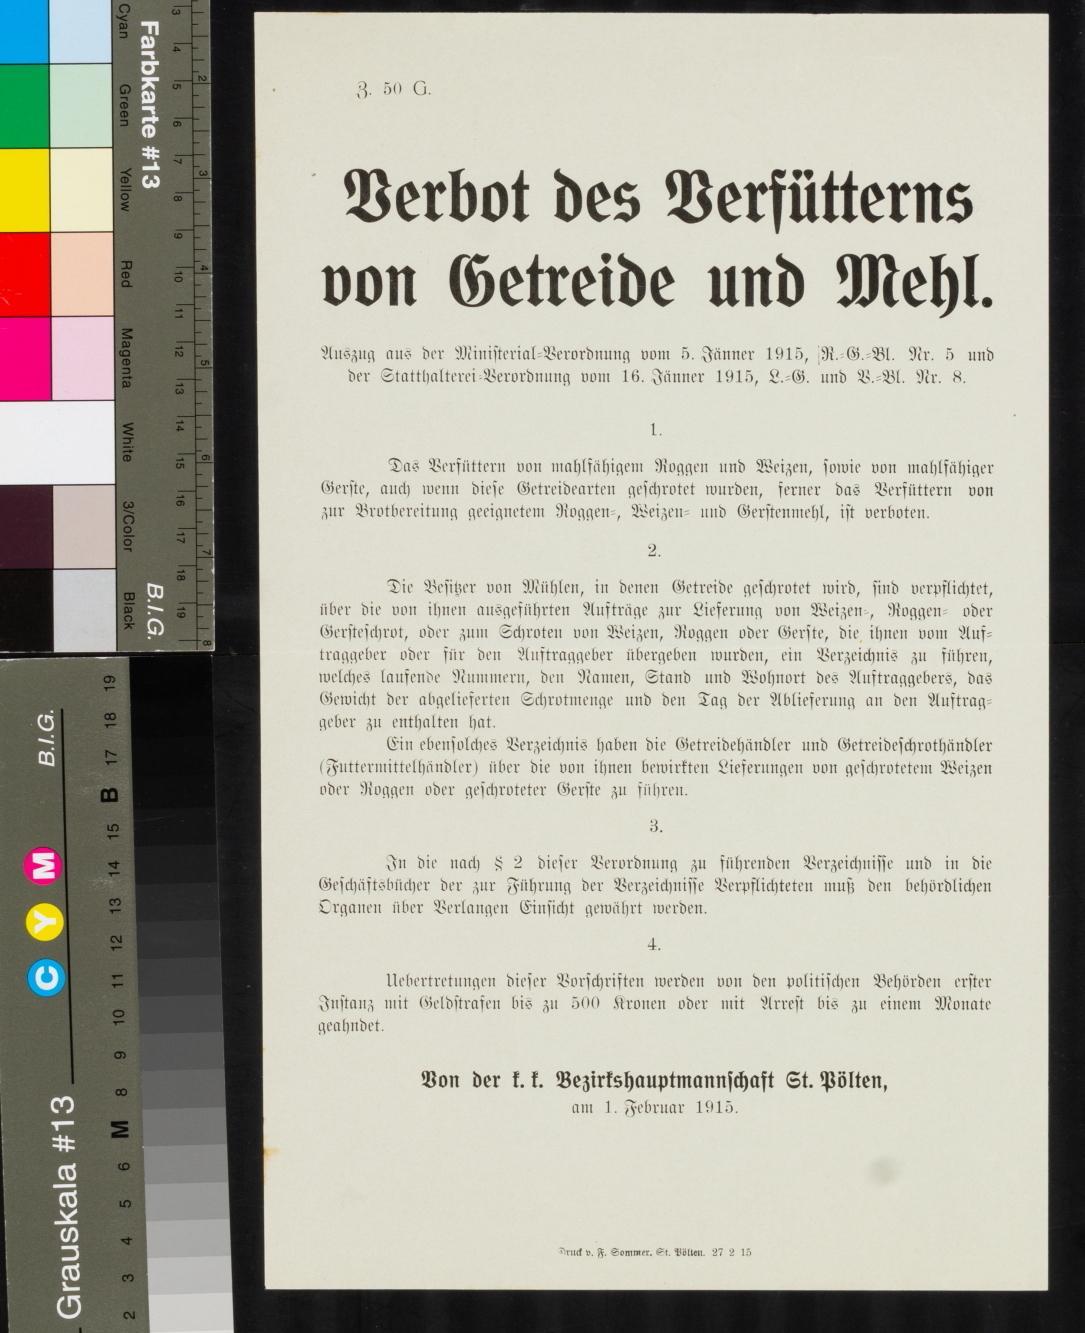 Kundmachung, Verbot des Verfütterns von Getreide und Mehl, 1. Februar 1915, Z. 50 G., k. k. Bezirkshauptmannschaft St. Pölten